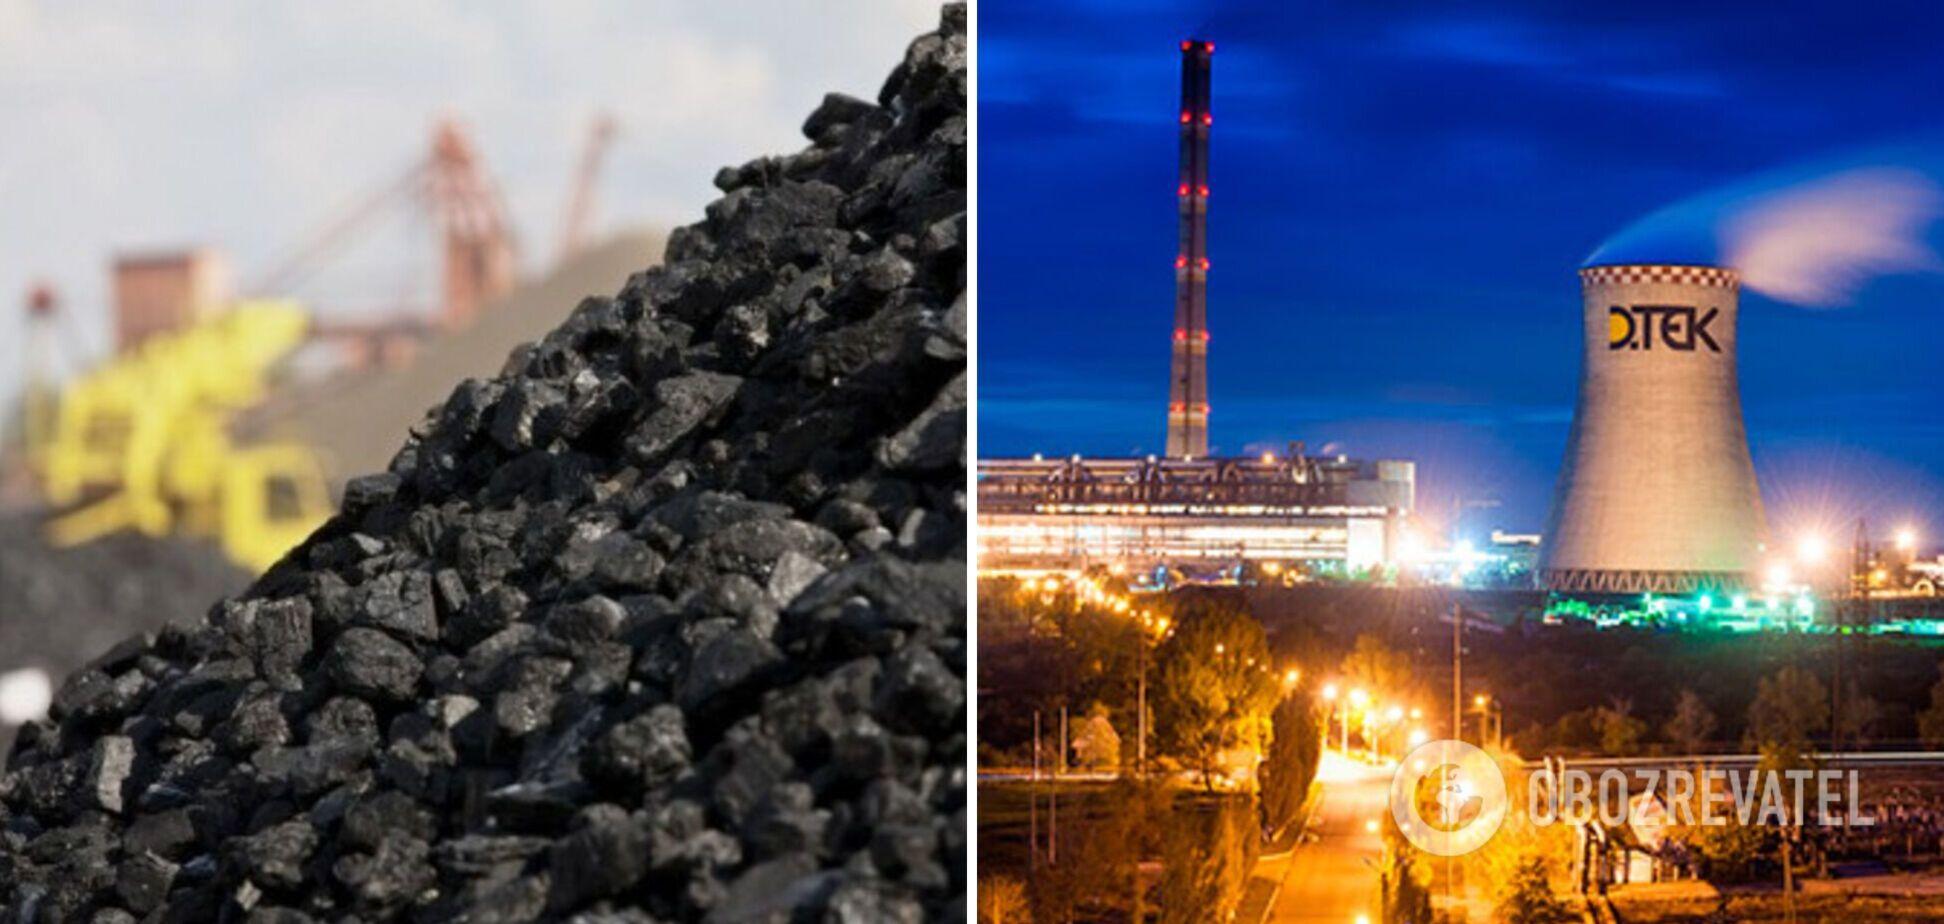 Компанія 'ДТЕК Енерго' розпочала імпорт вугілля з Польщі і Казахстану